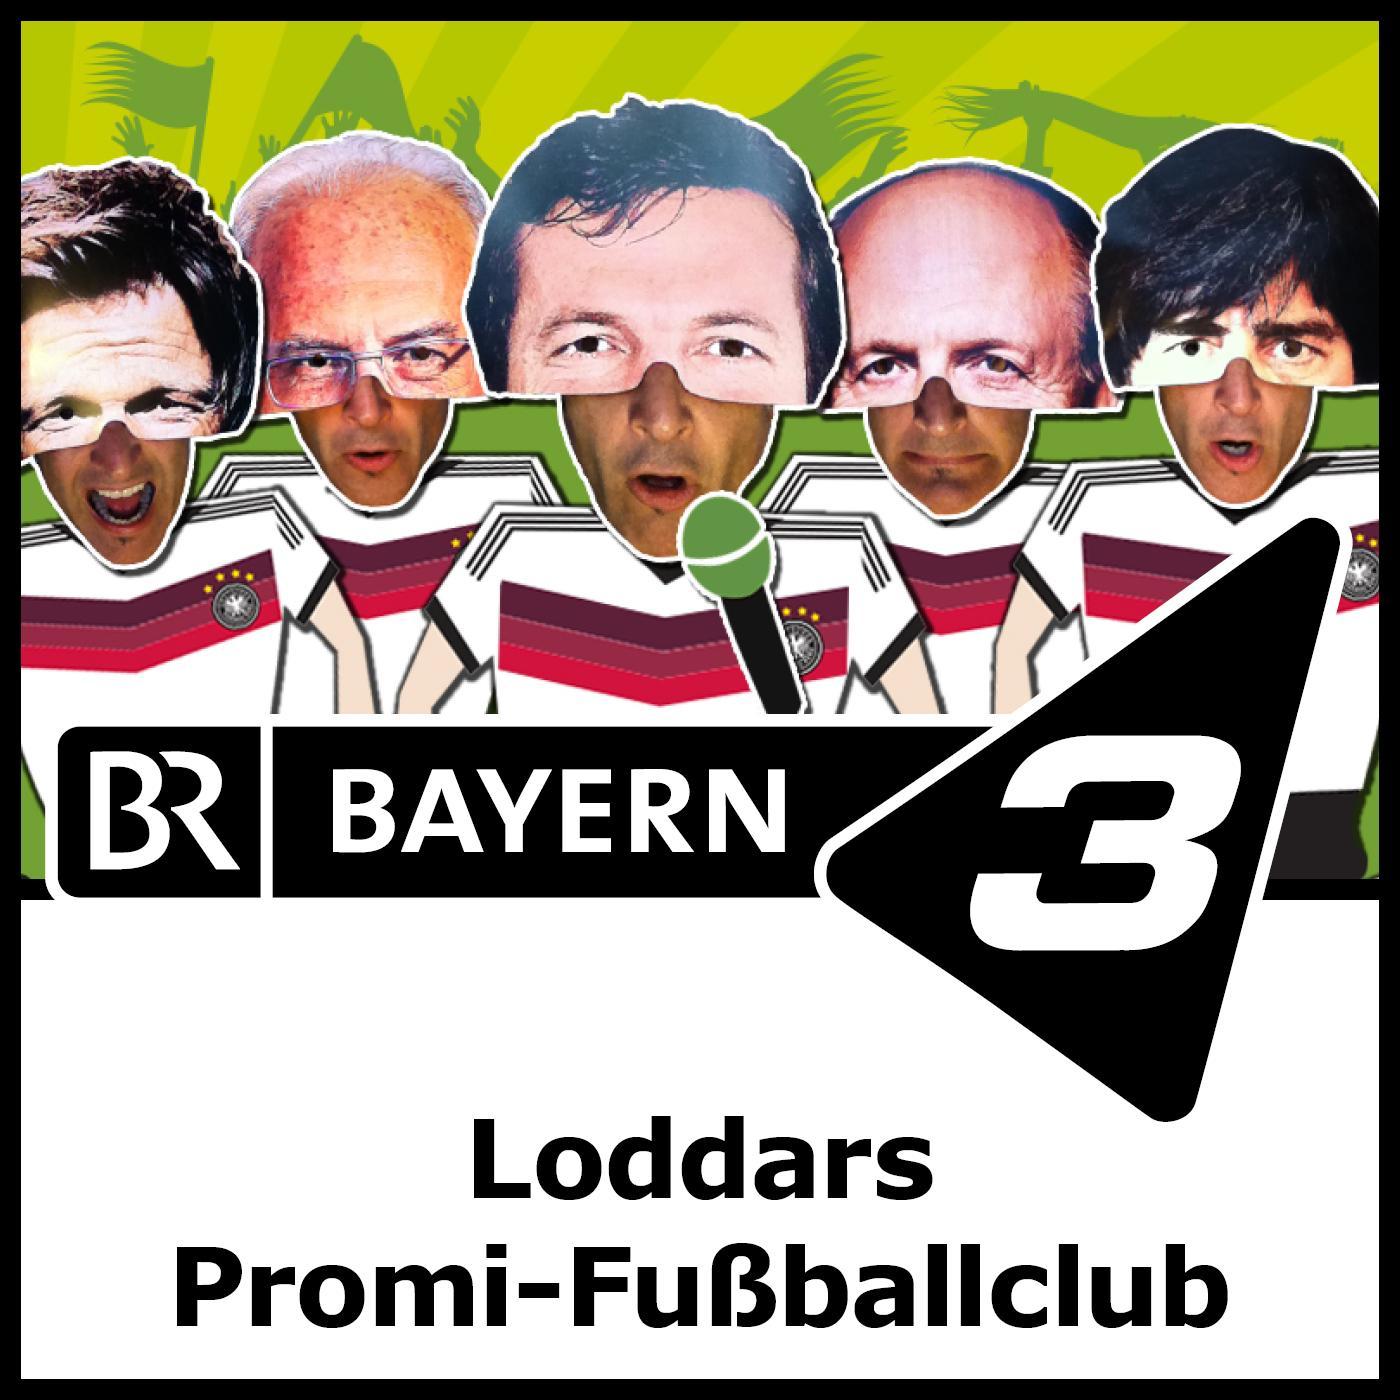 Loddars Promi-Fußballclub